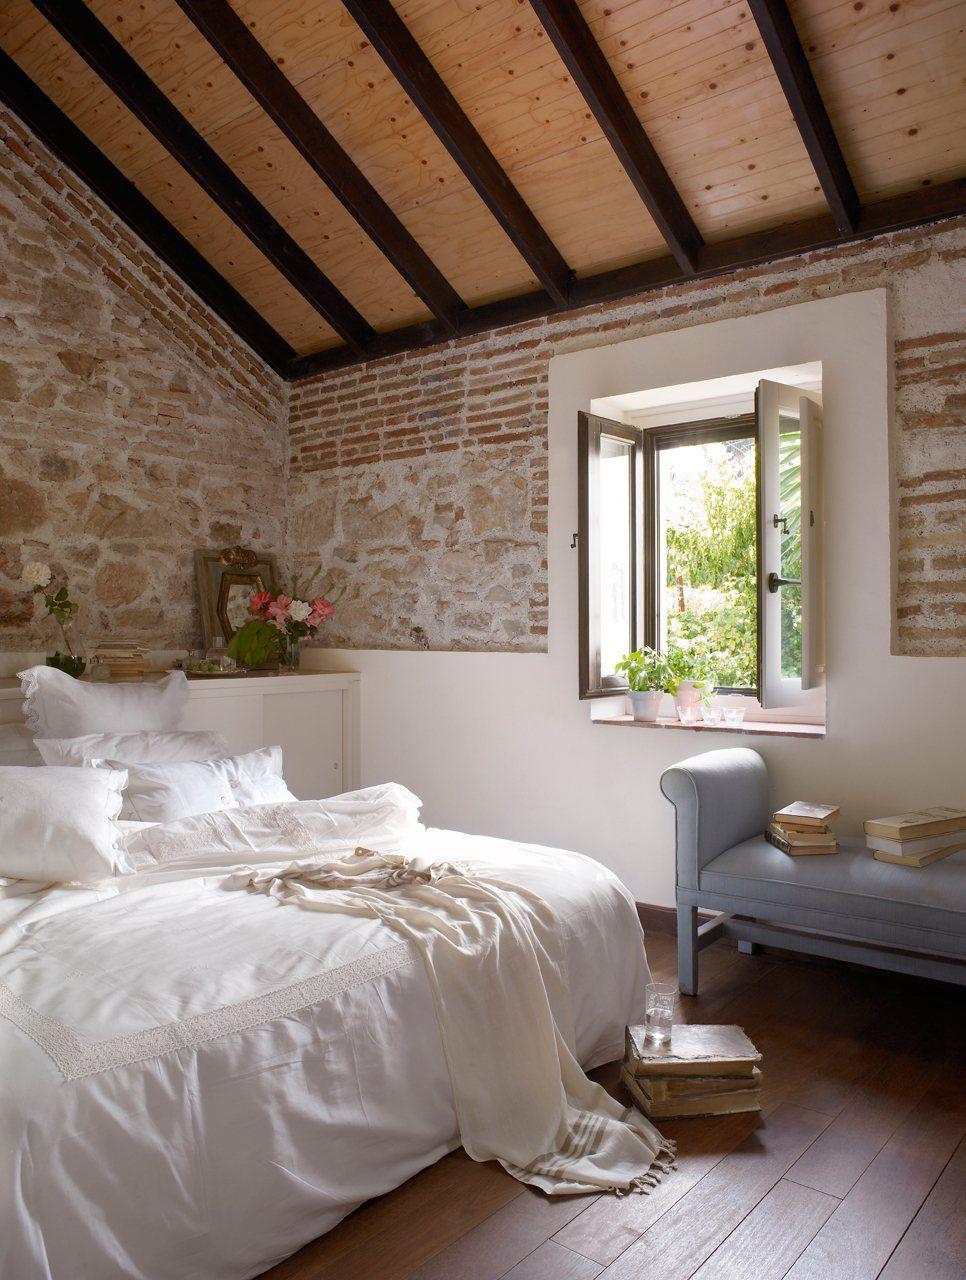 Las paredes del dormitorio combinan piedra original - Dormitorio infantil original ...